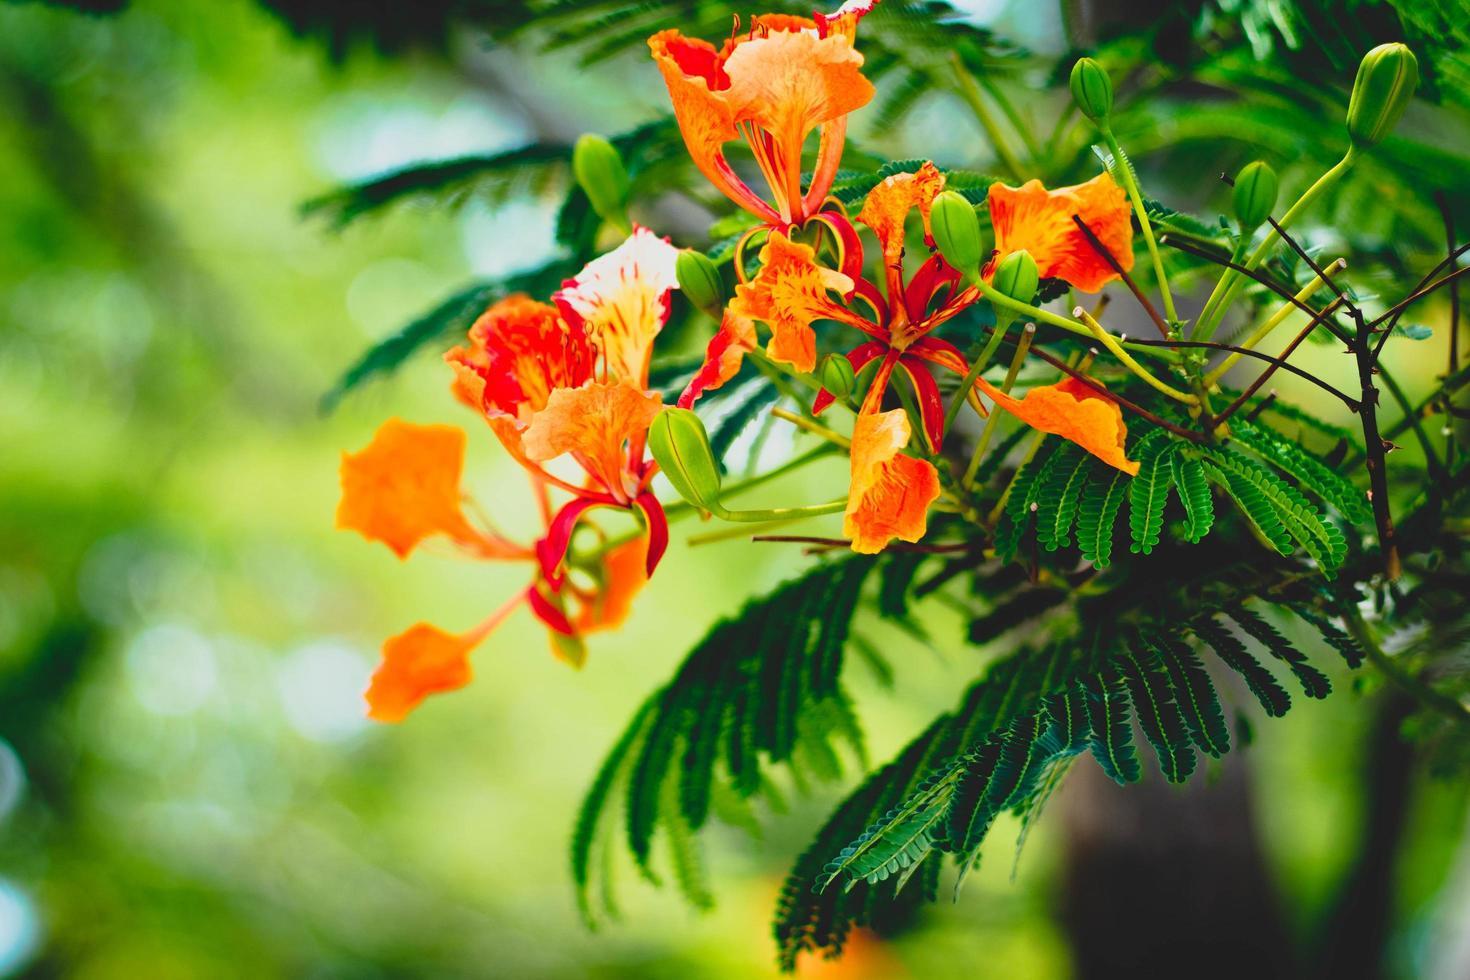 fiori rossi e arancioni foto